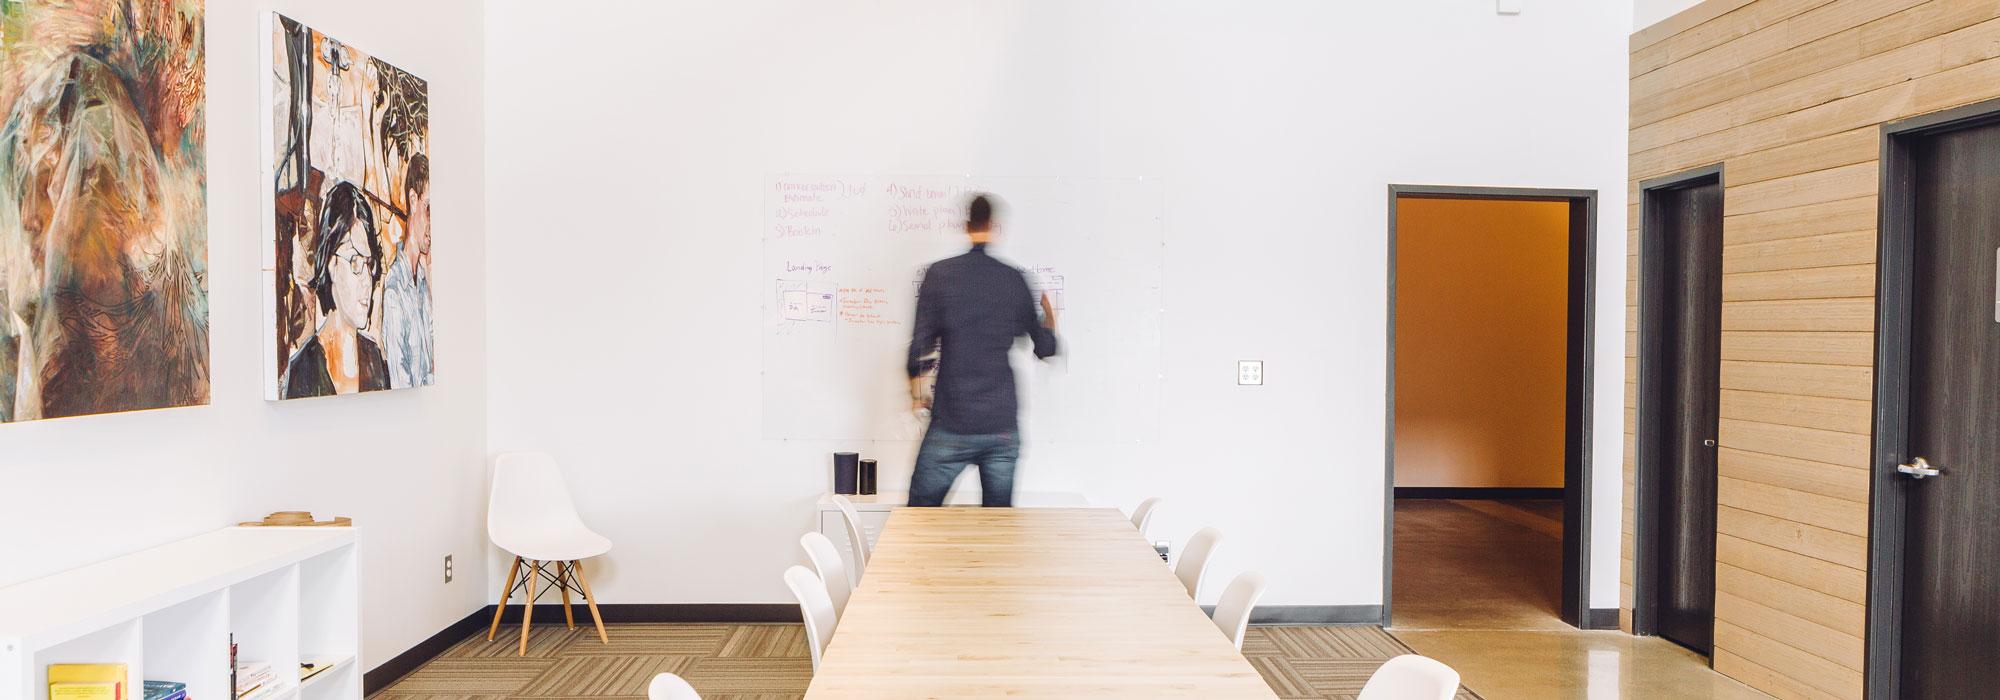 Leder står alene ved en tavle